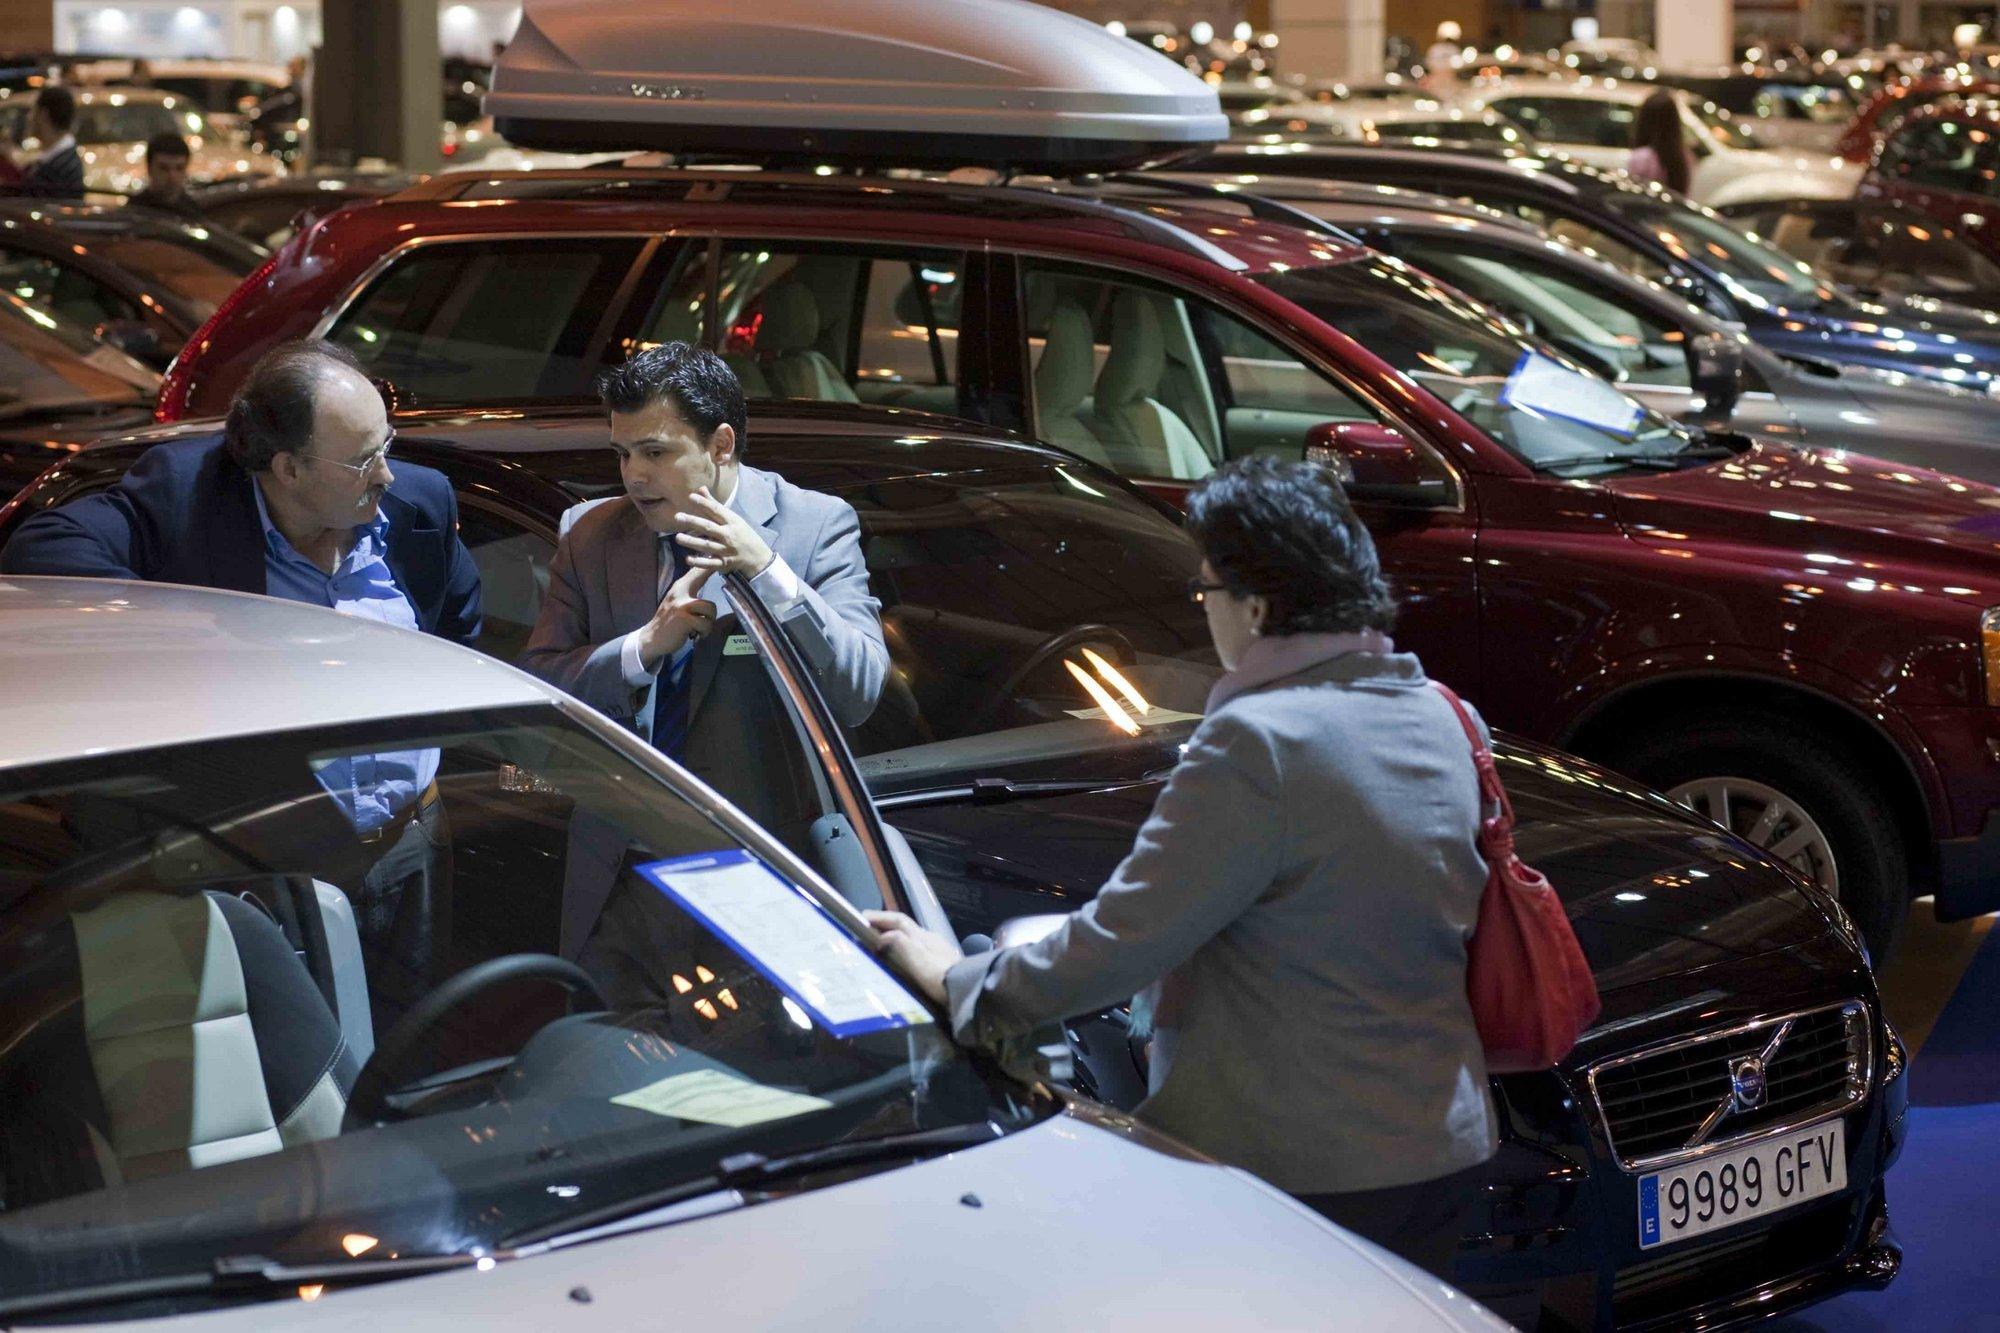 El precio medio de los coches usados en la Región de Murcia bajó un 9,9% en marzo, el mayor descenso por CCAA